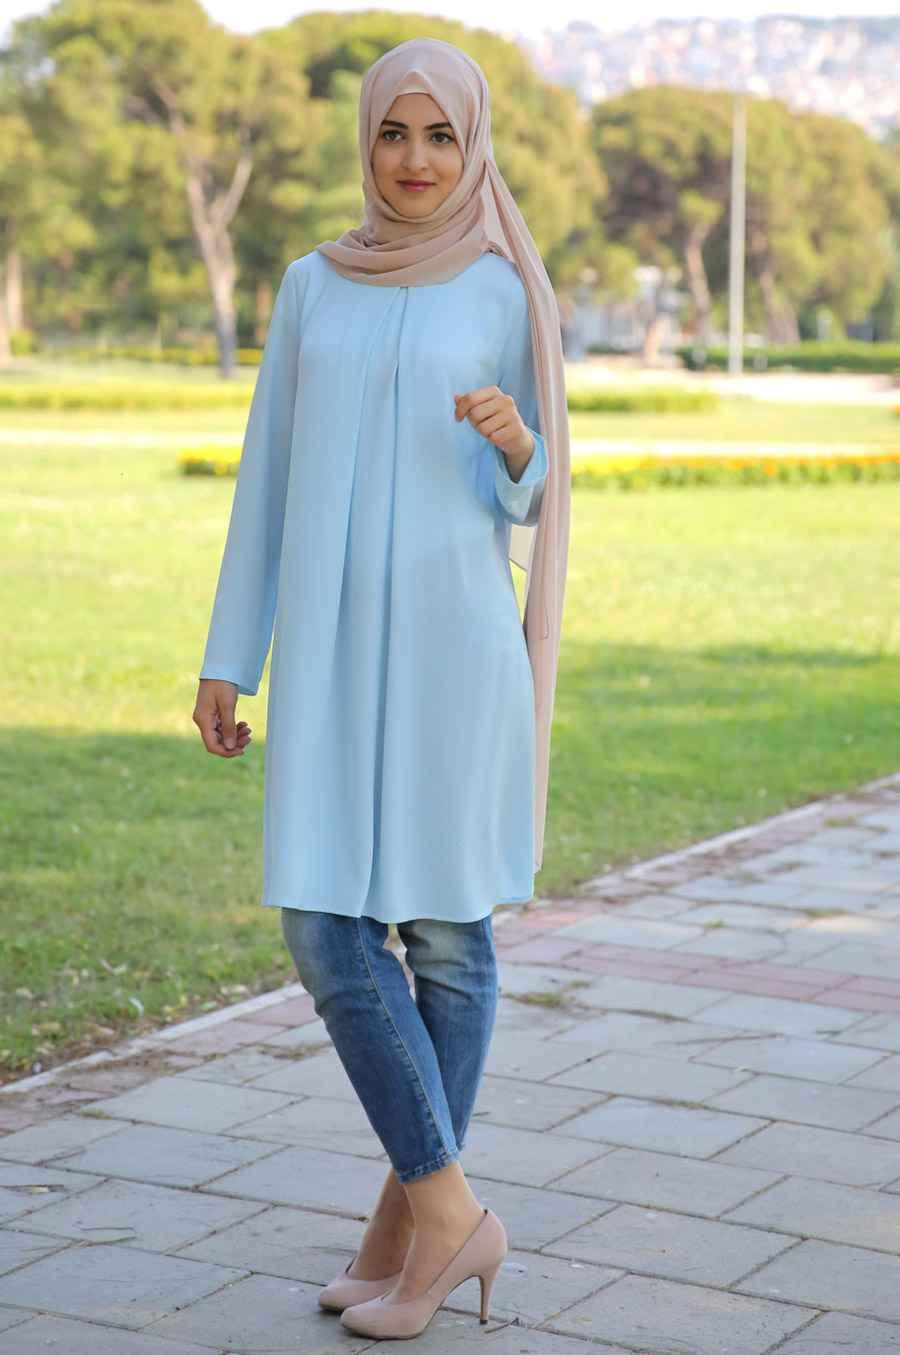 Som Fashion Tesettür Mavi Renk Tunik ModelleriSom Fashion Tesettür Mavi Renk Tunik Modelleri